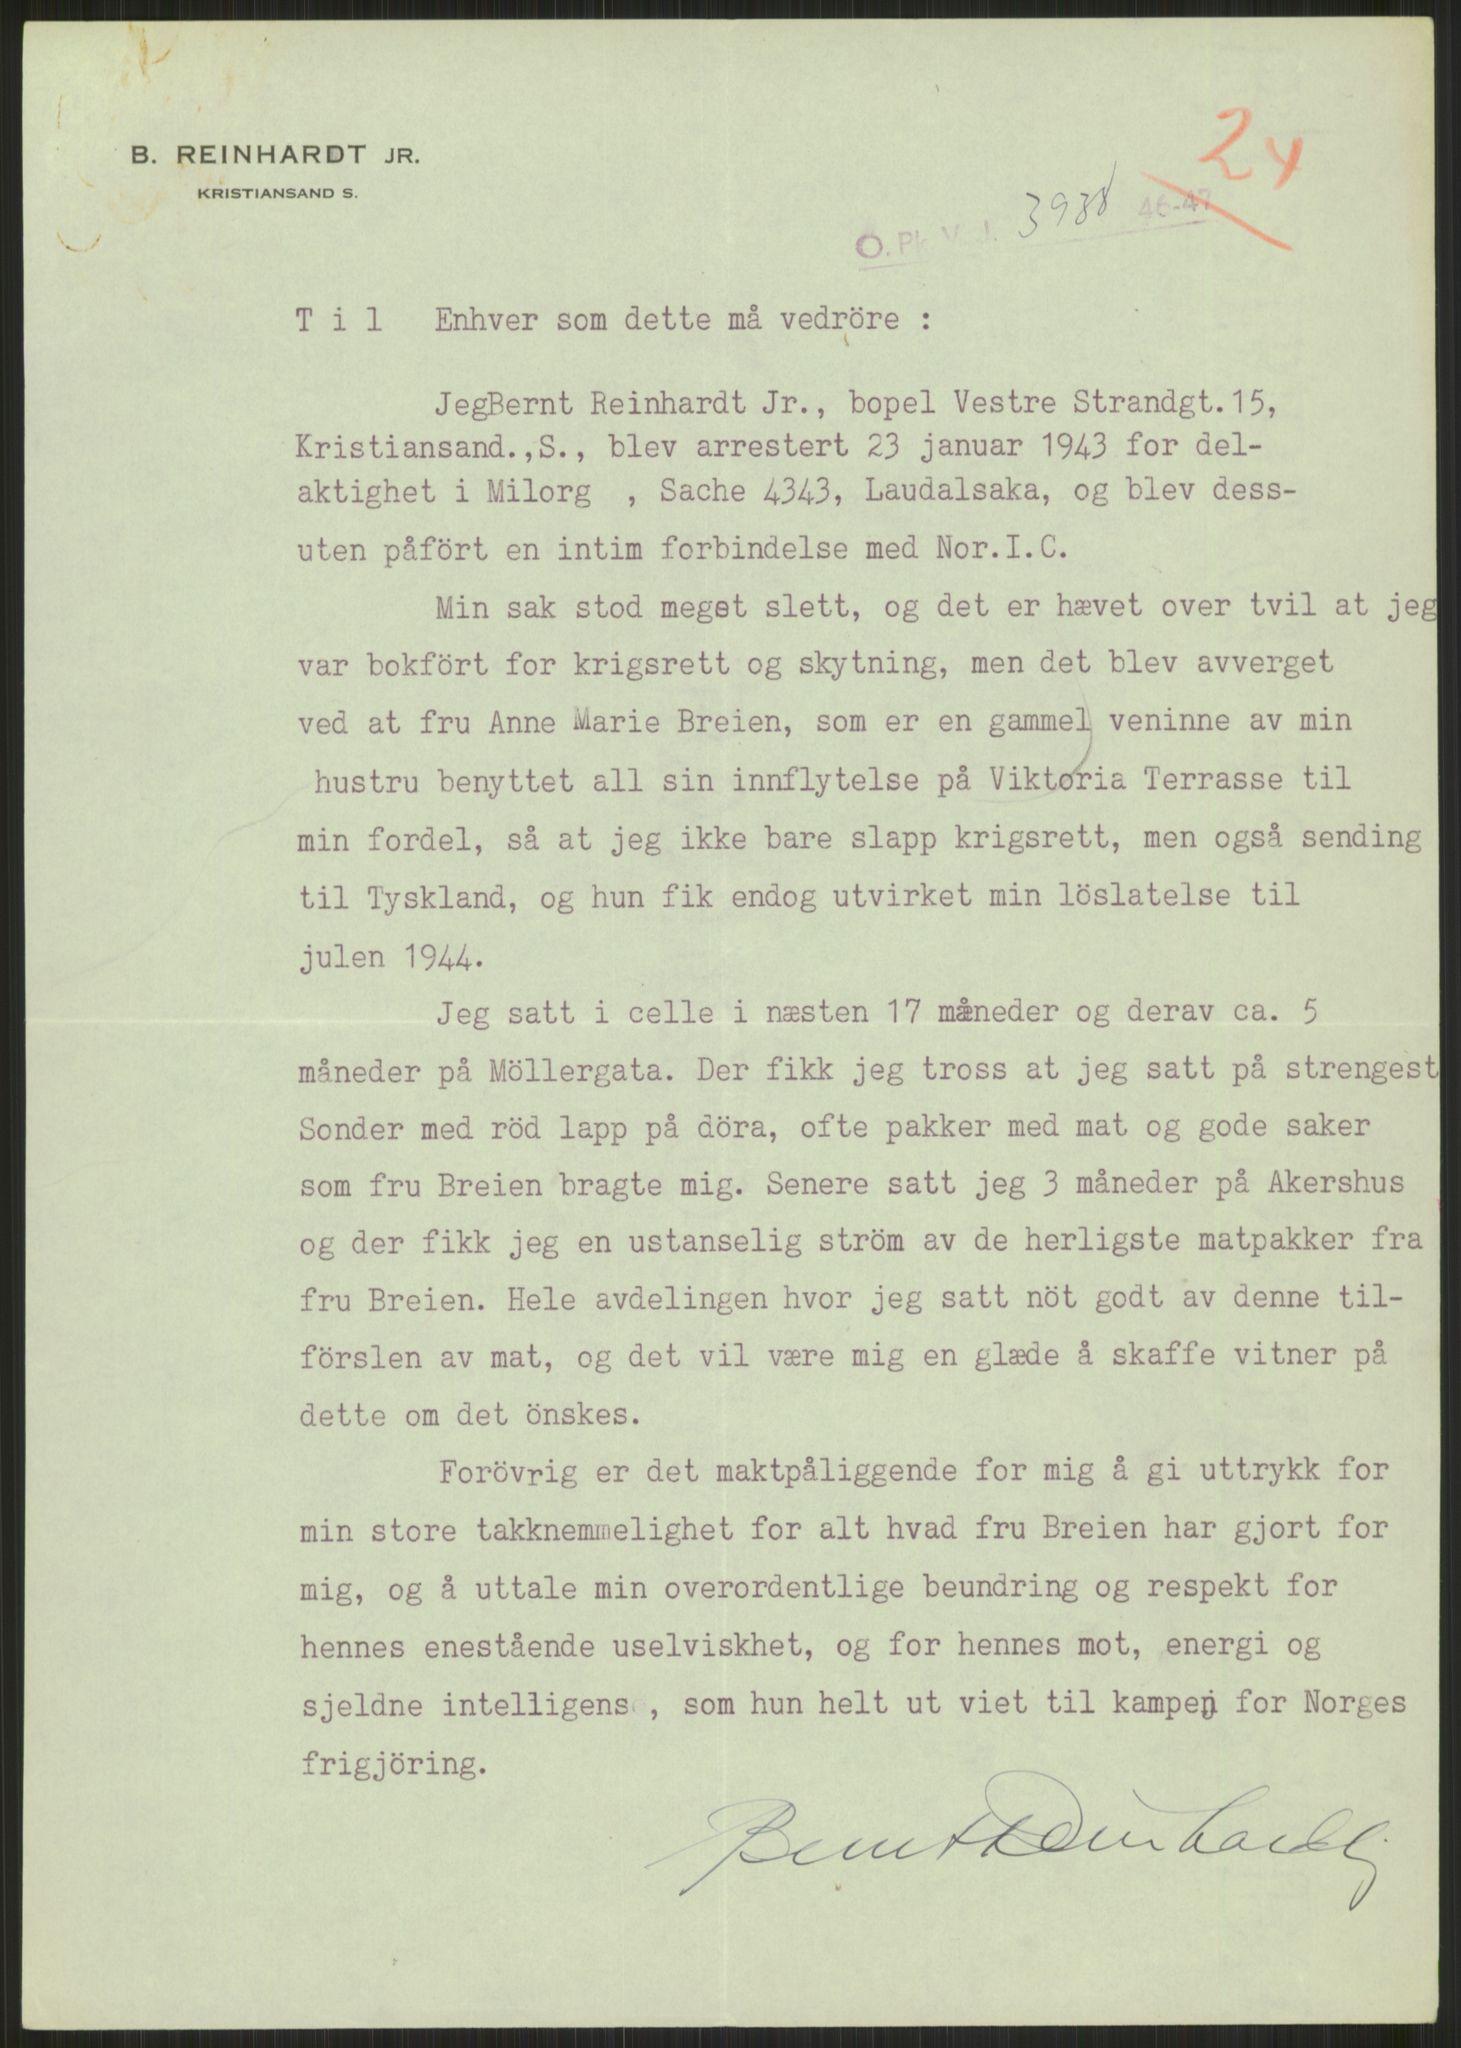 RA, Landssvikarkivet, Oslo politikammer, D/Dg/L0267: Henlagt hnr. 3658, 1945-1946, s. 284